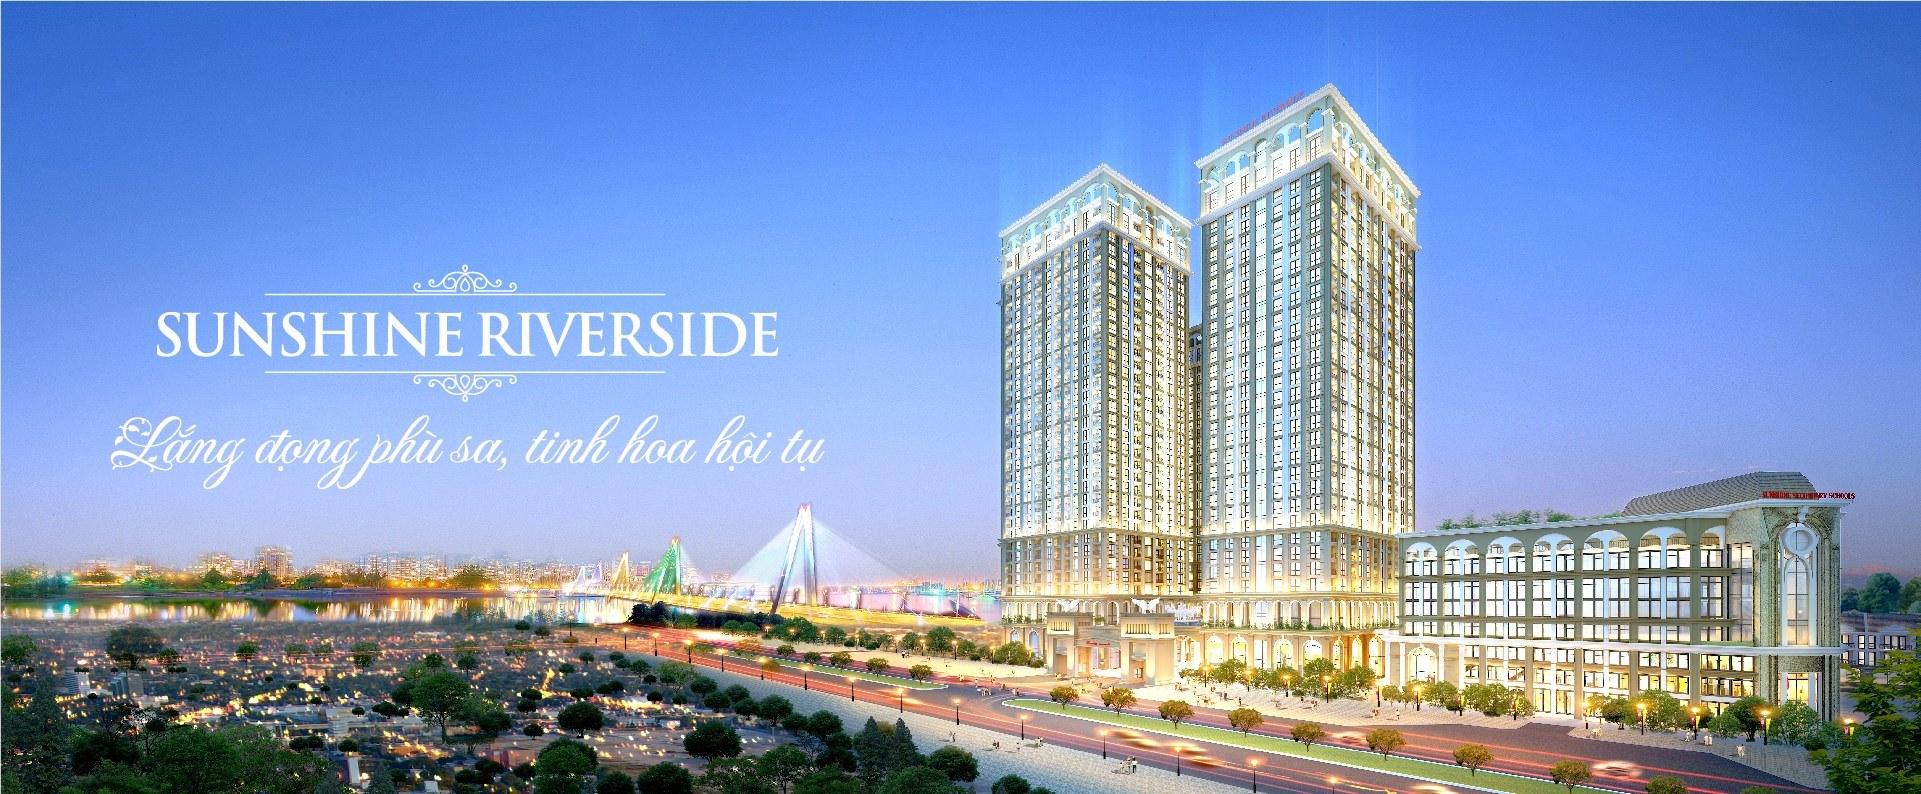 Phối cảnh dự án chung cư Sunshine Riverside Ciputra